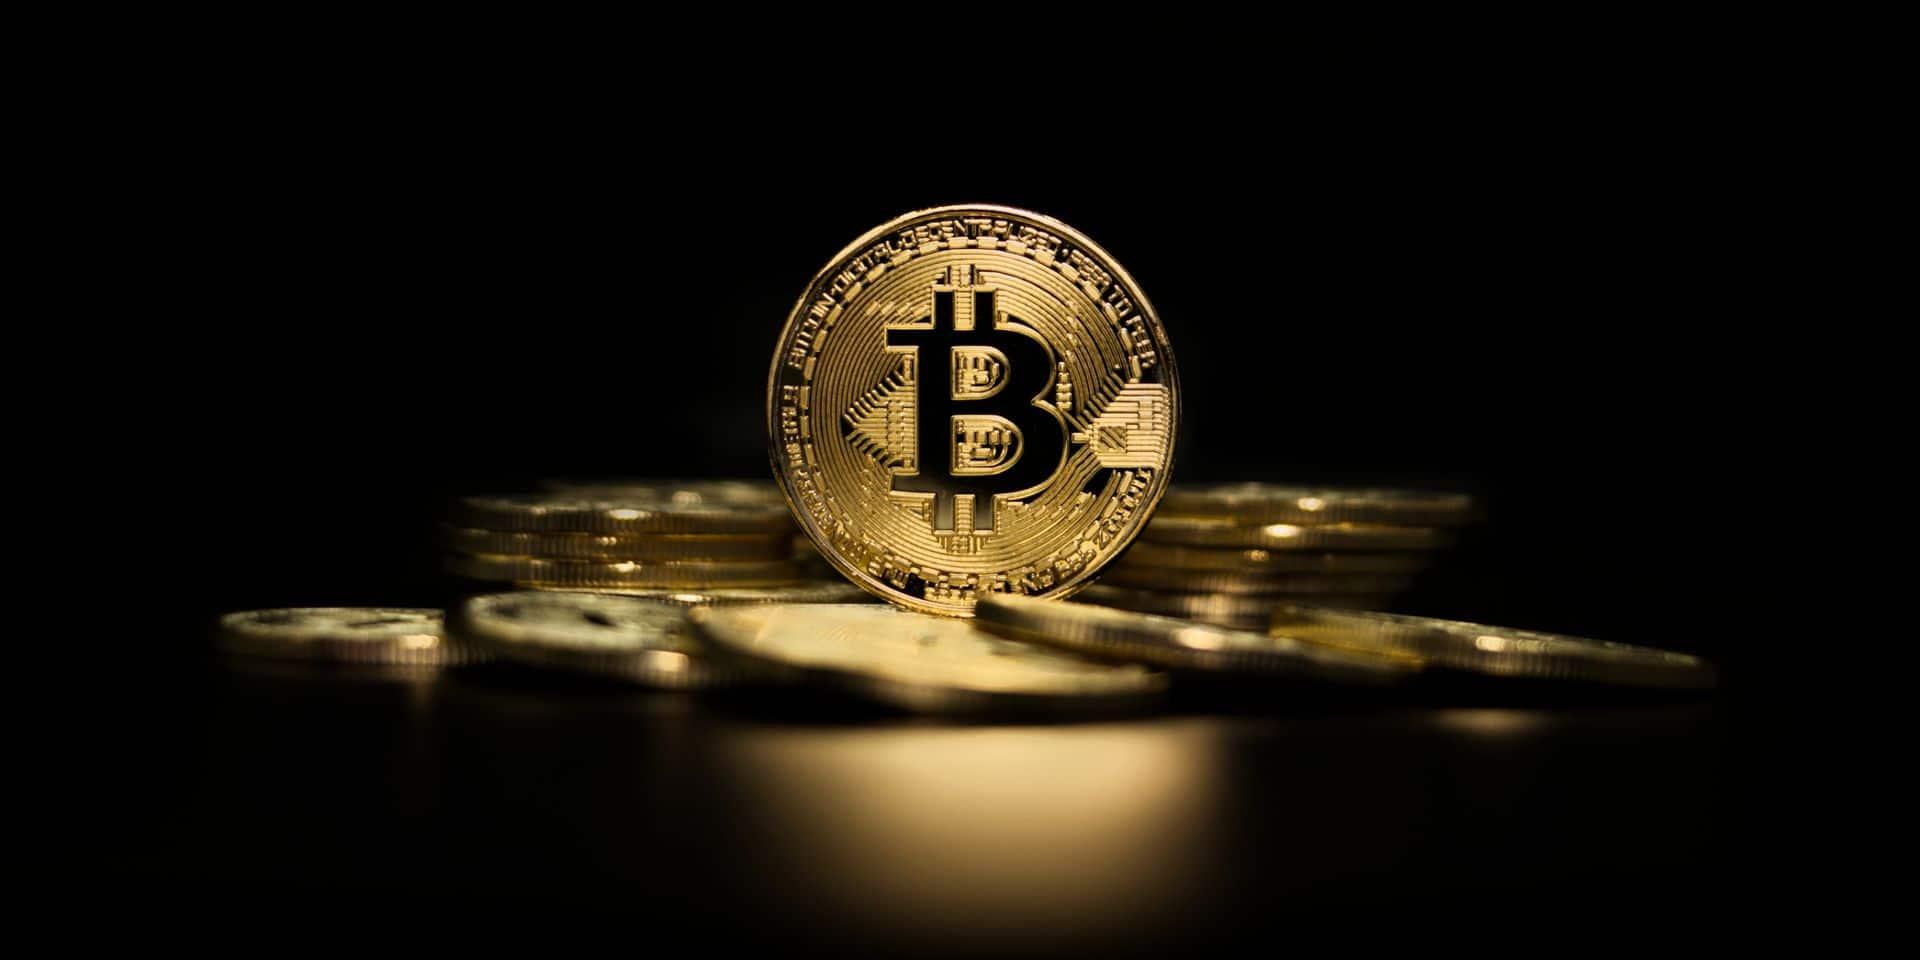 Goldman Sachs lance des paris boursiers liés au bitcoin